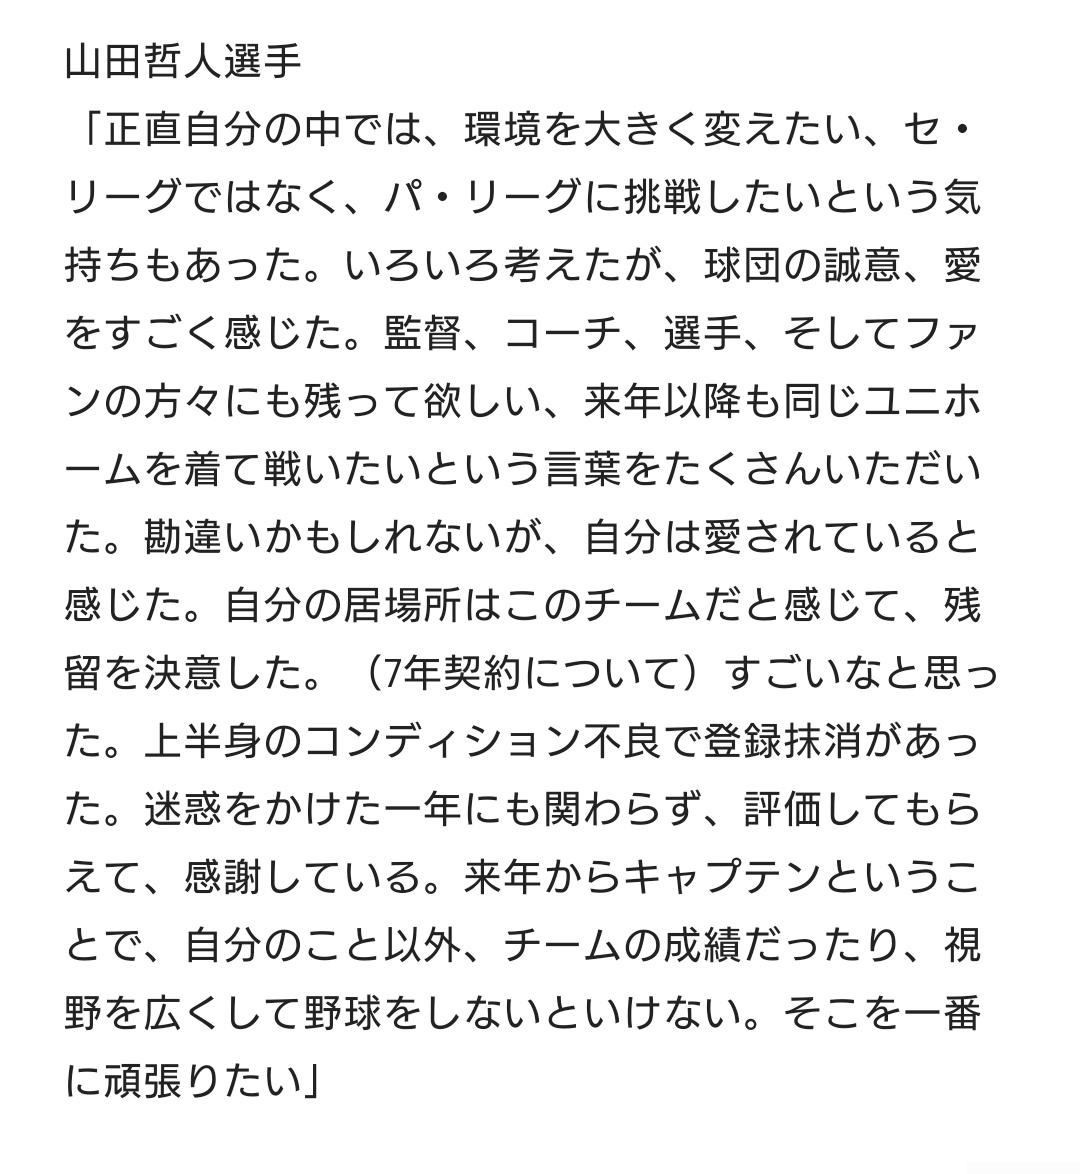 哲人 移籍 山田